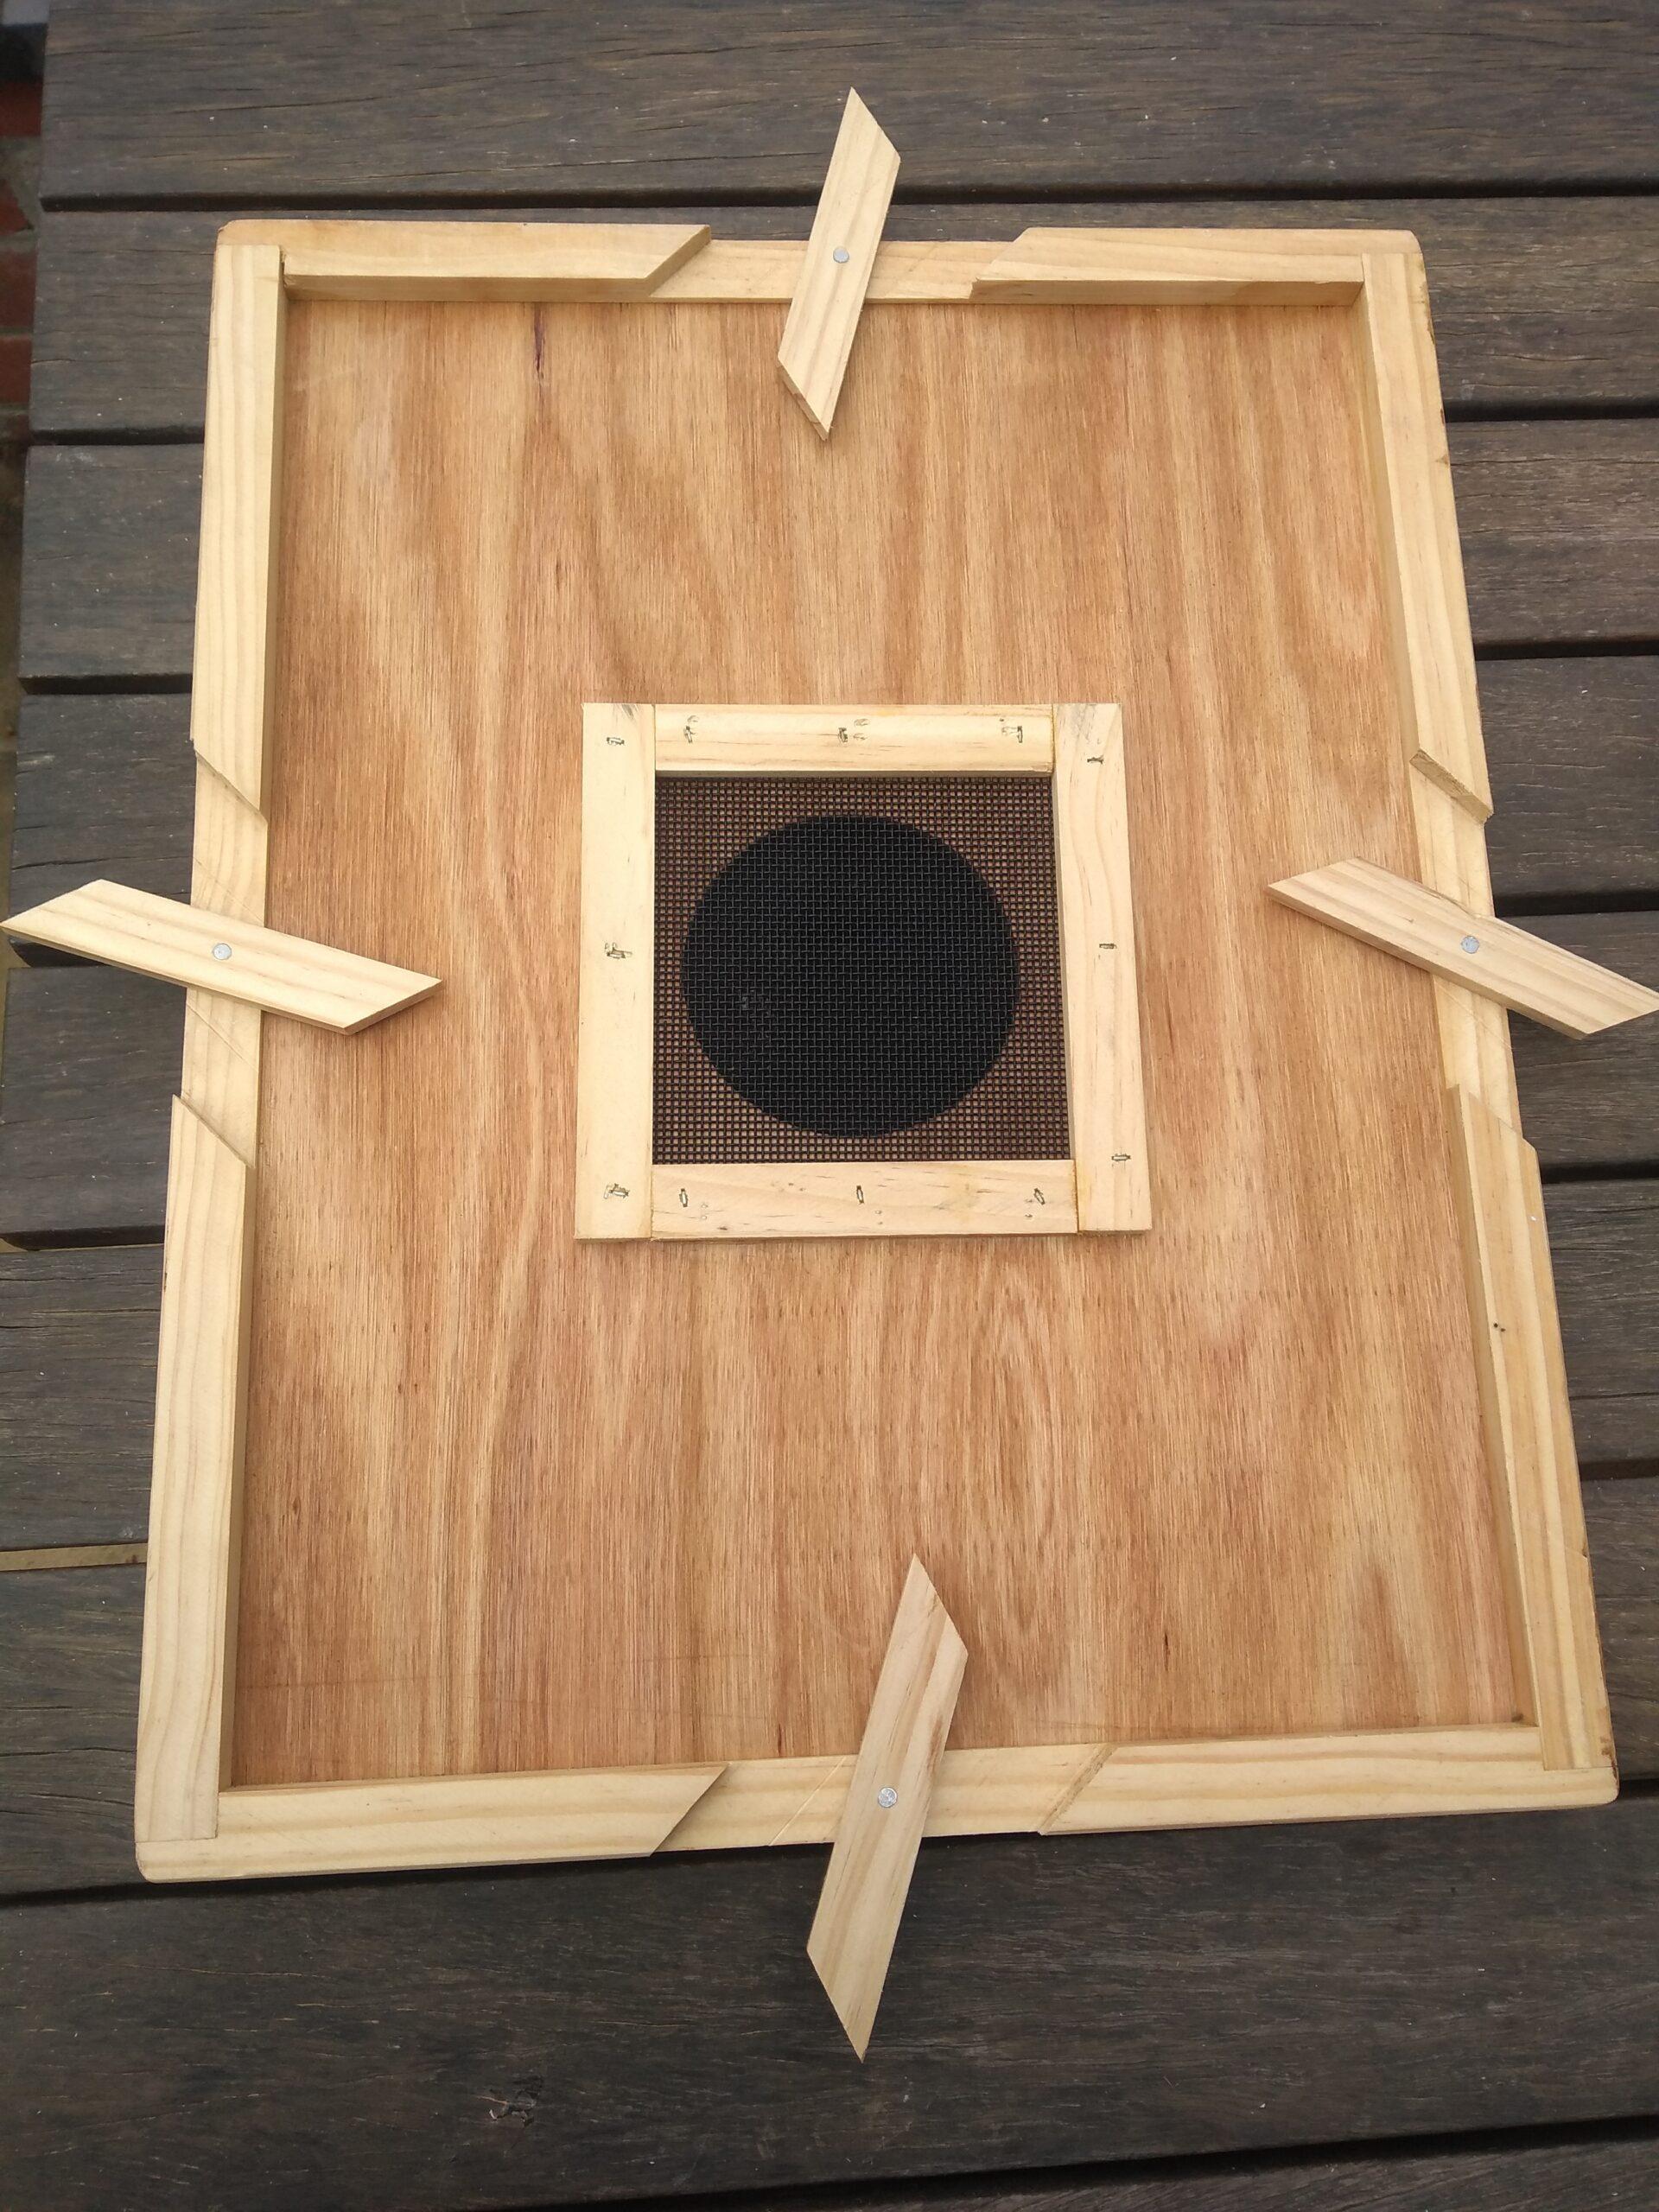 Snelgove Board